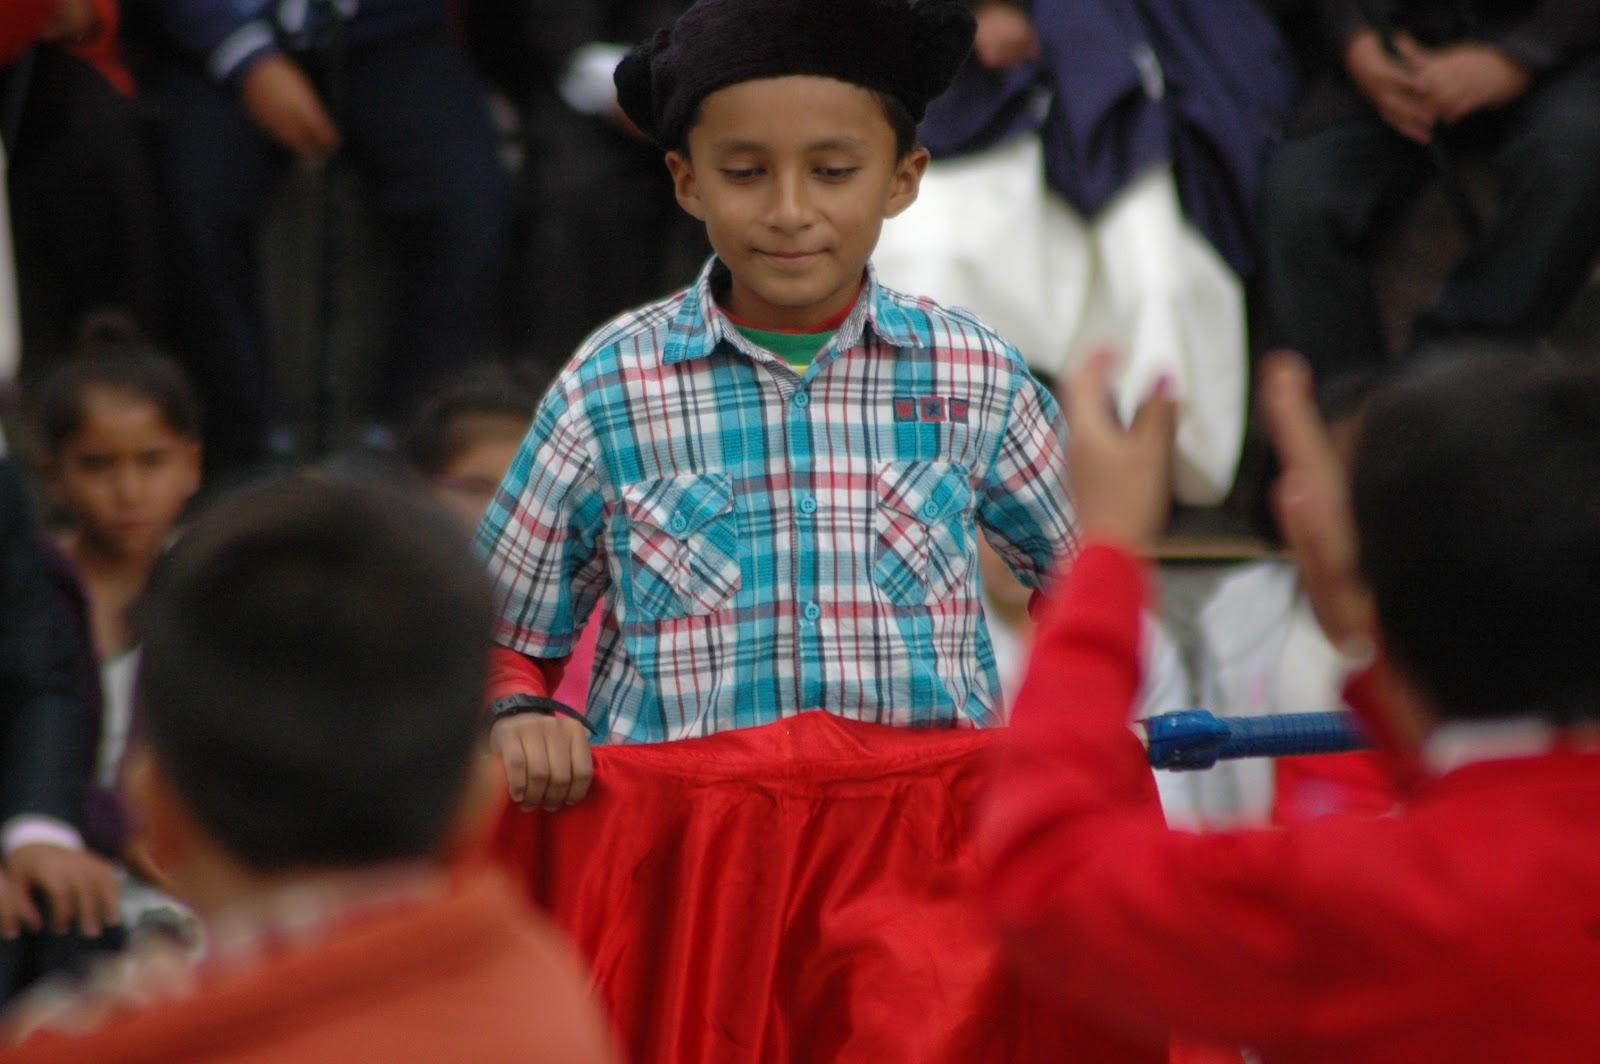 Fiestas de Quito 2016